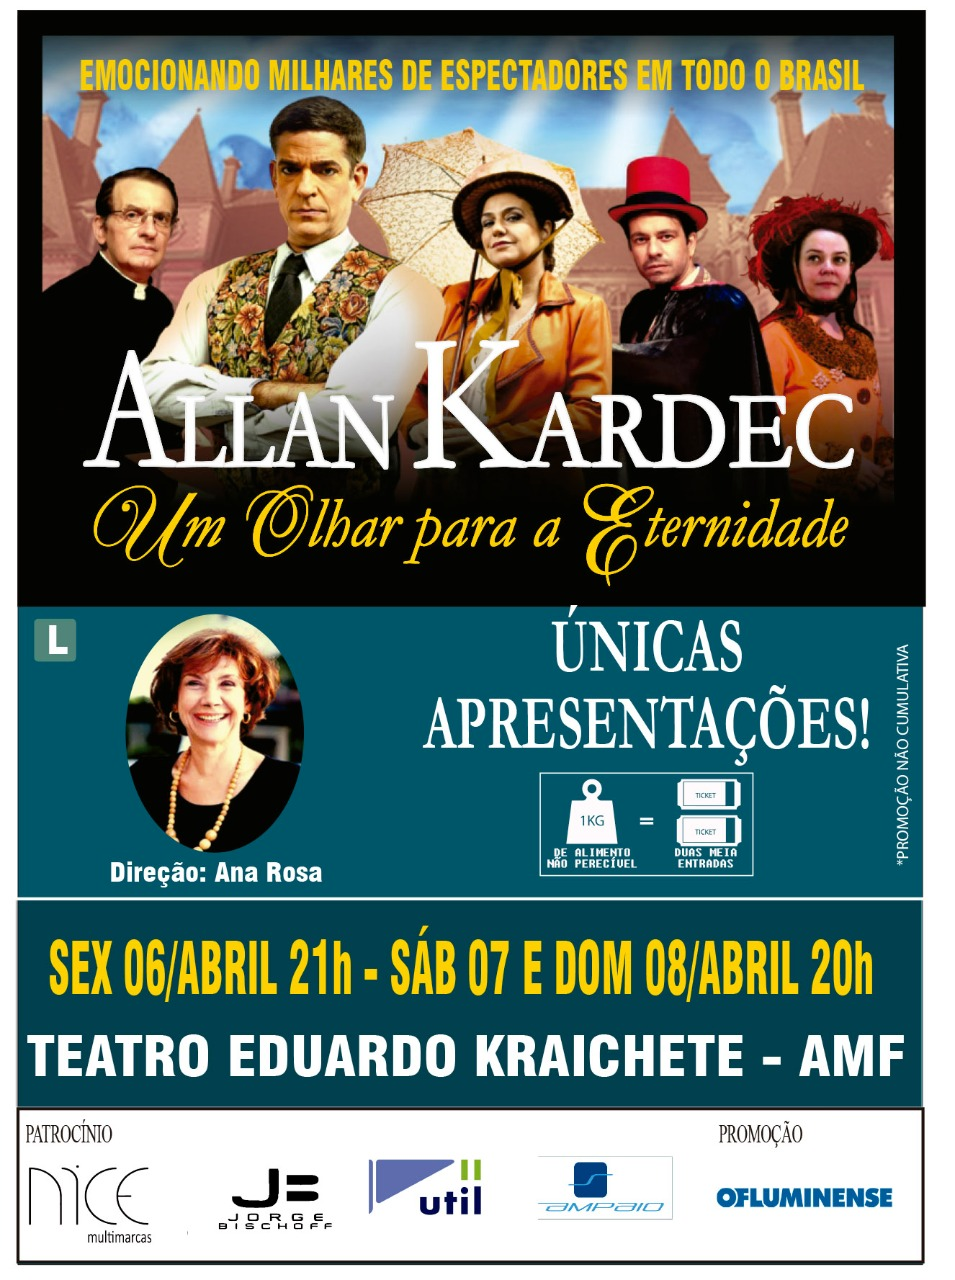 De volta em Niterói somente neste final de semana, a peça sobre Kardec!  Teatro Eduardo Kraichete  Dias 06, 07 e 08 de abril  Horários: sexta às 21h / sábado e domingo às 20h  Valor do ingresso: R$ 60,00 (inteira) e R$ 30,00 (meia)   SEXTA:https://www.guicheweb.com.br/ingressos/7940 SABADO:https://www.guicheweb.com.br/ingressos/7942 DOMINGO:https://www.guicheweb.com.br/ingressos/7943